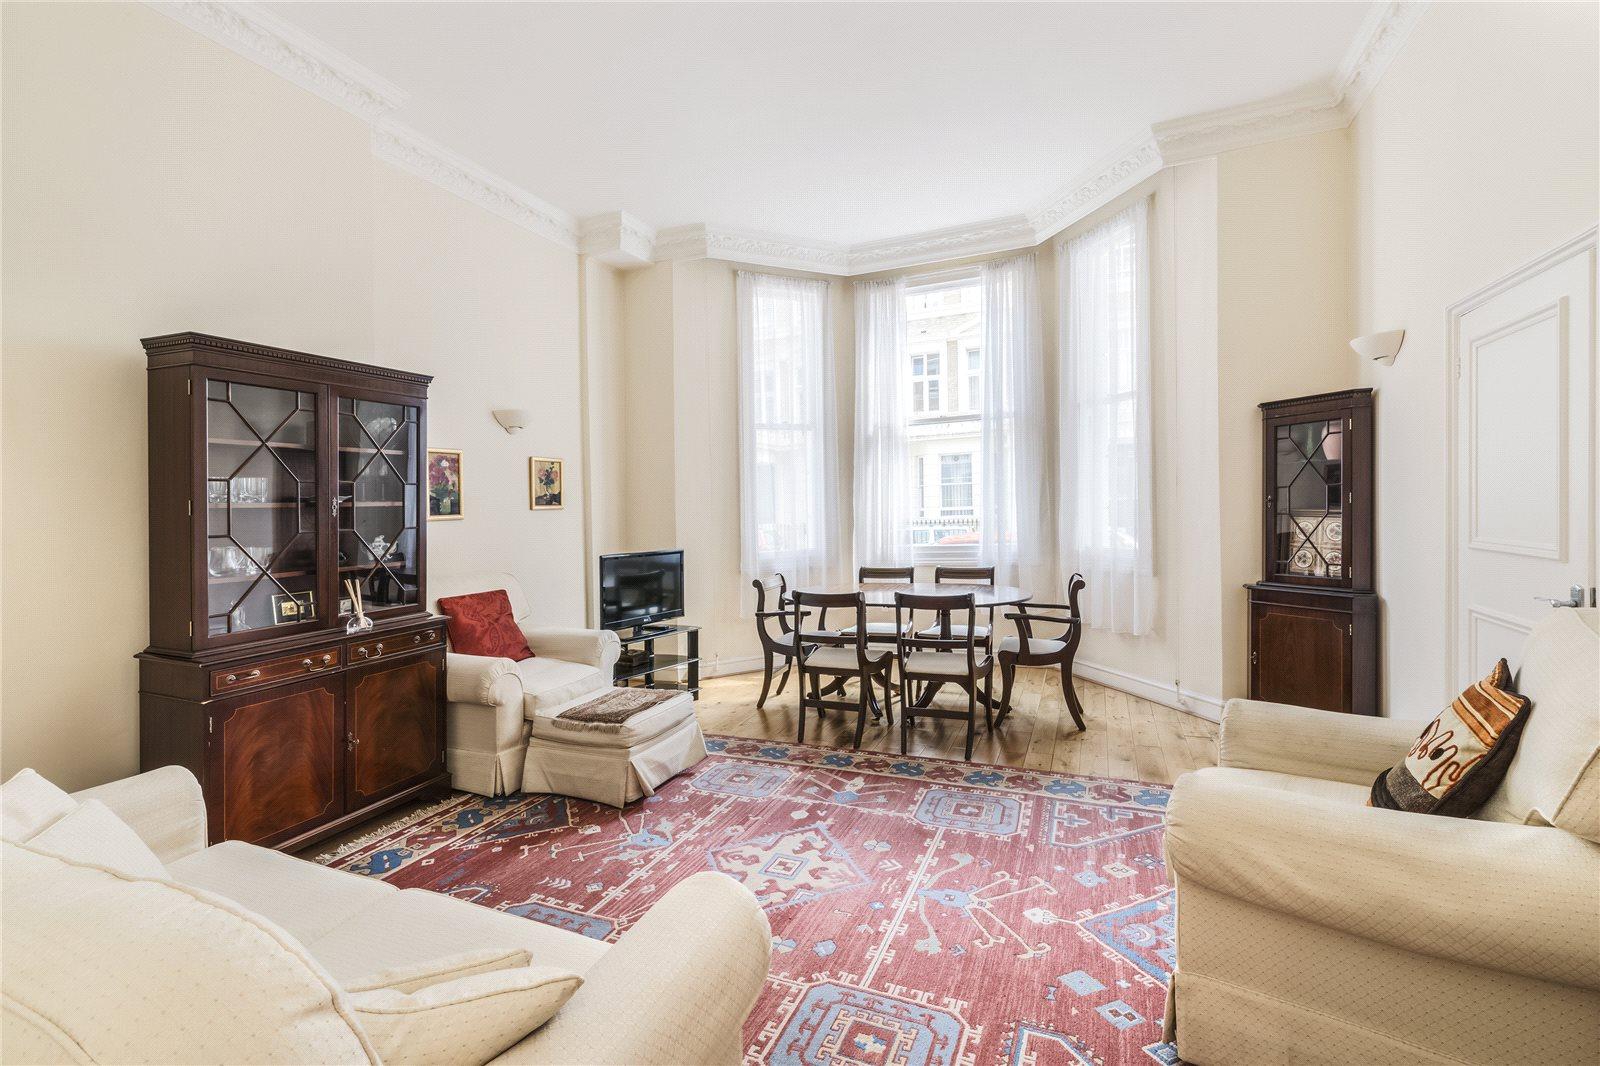 公寓 为 销售 在 Manson Place, South Kensington, London, SW7 South Kensington, London, 英格兰